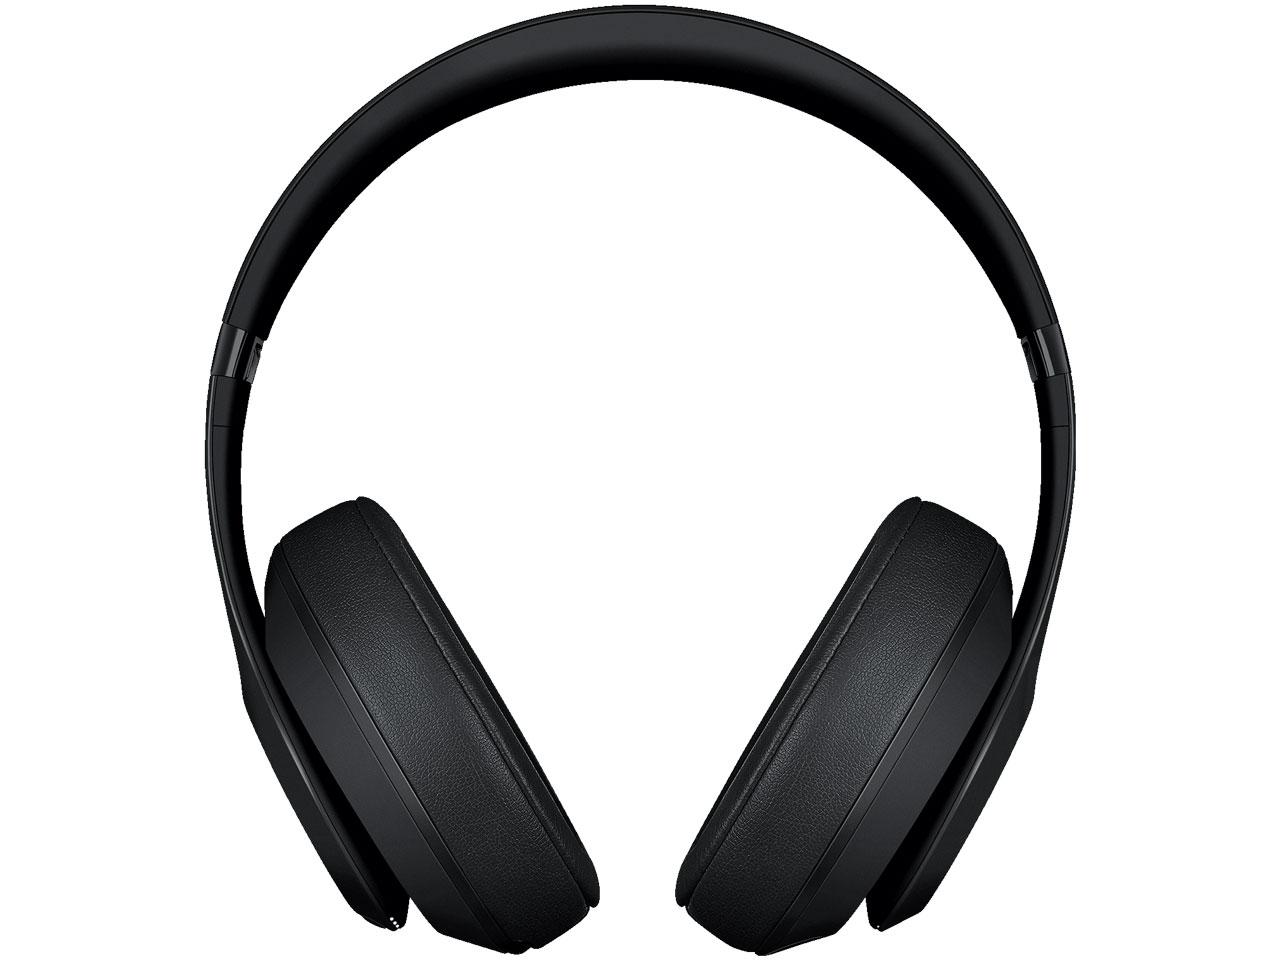 『本体2』 studio3 wireless MQ562PA/A [マットブラック] の製品画像